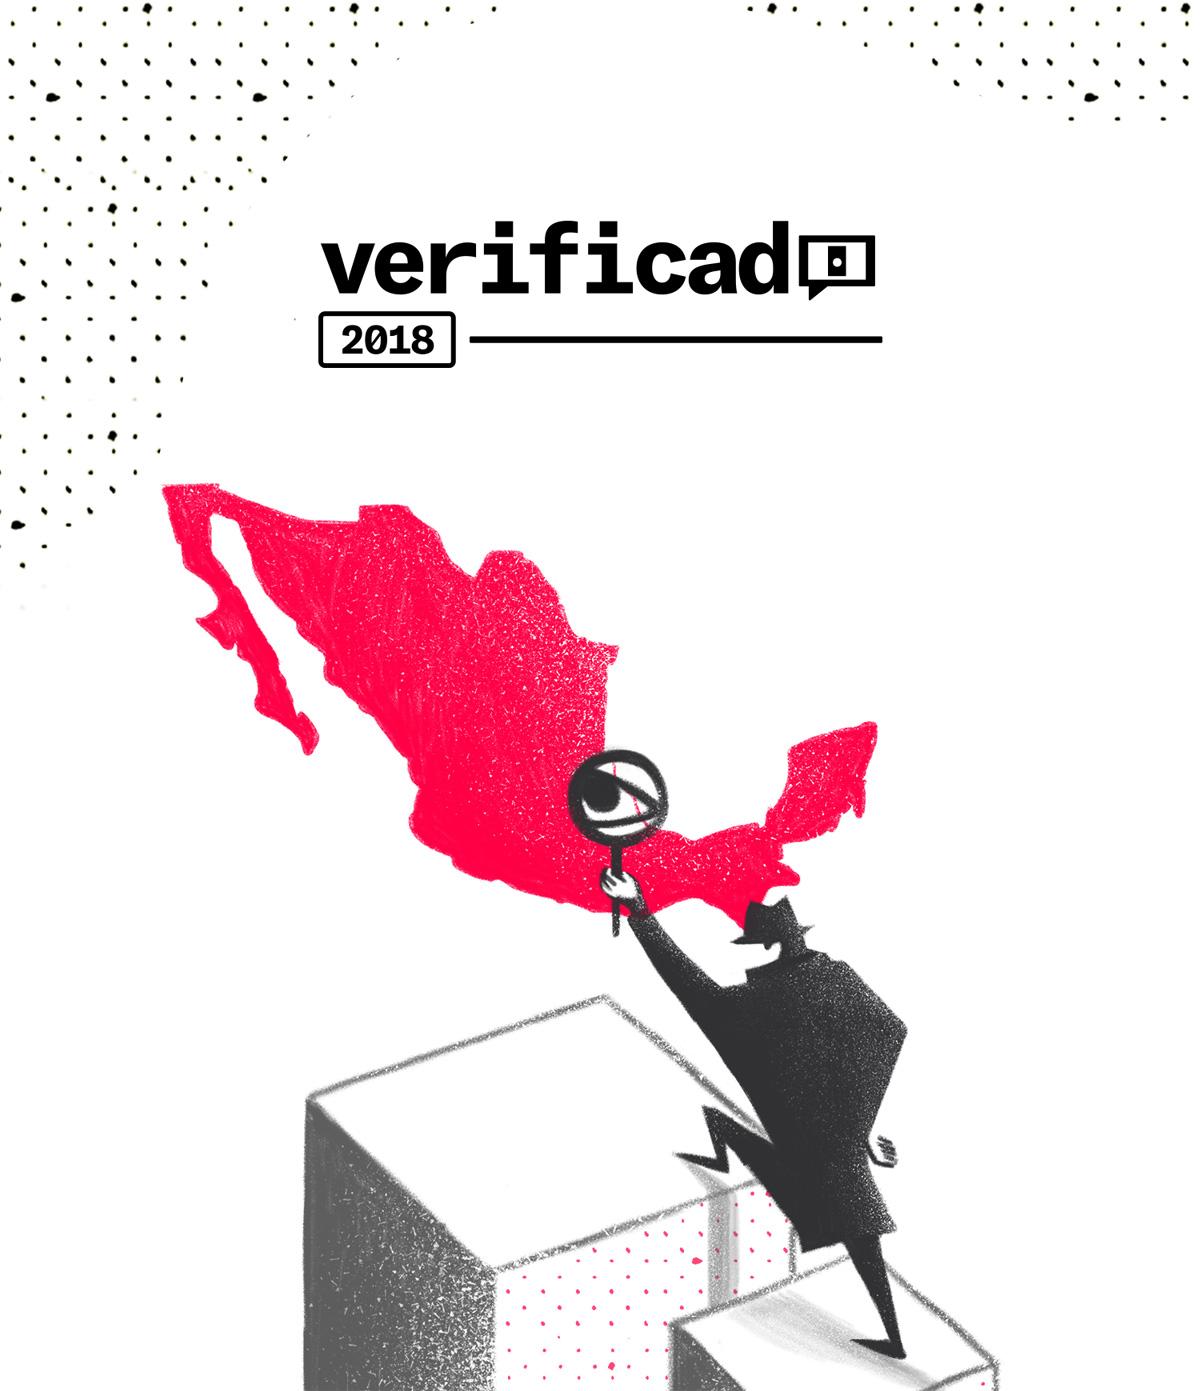 Verificado 2018 un proyecto para combatir las Fake News